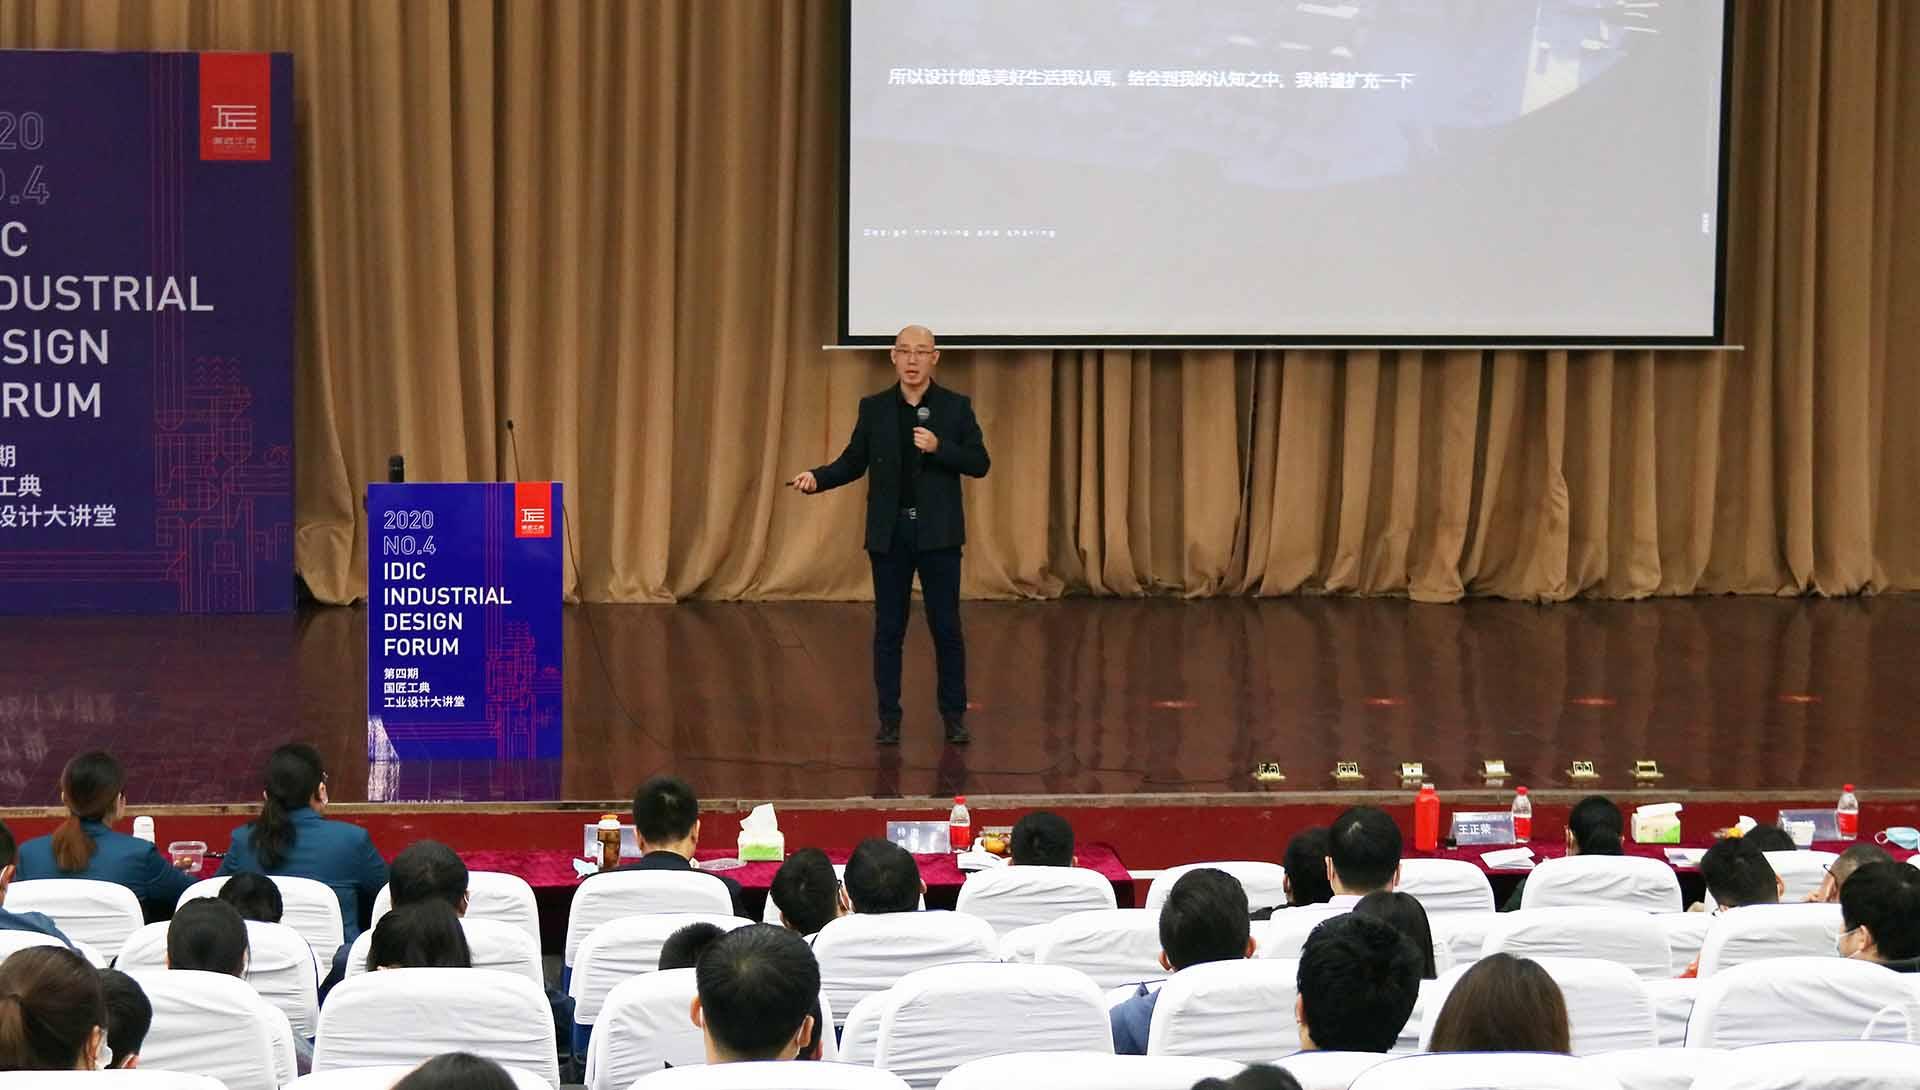 创品设计创始人杨侃在合肥国匠工典工业设计大讲堂发表《设计点亮生活预见未来》主题演讲